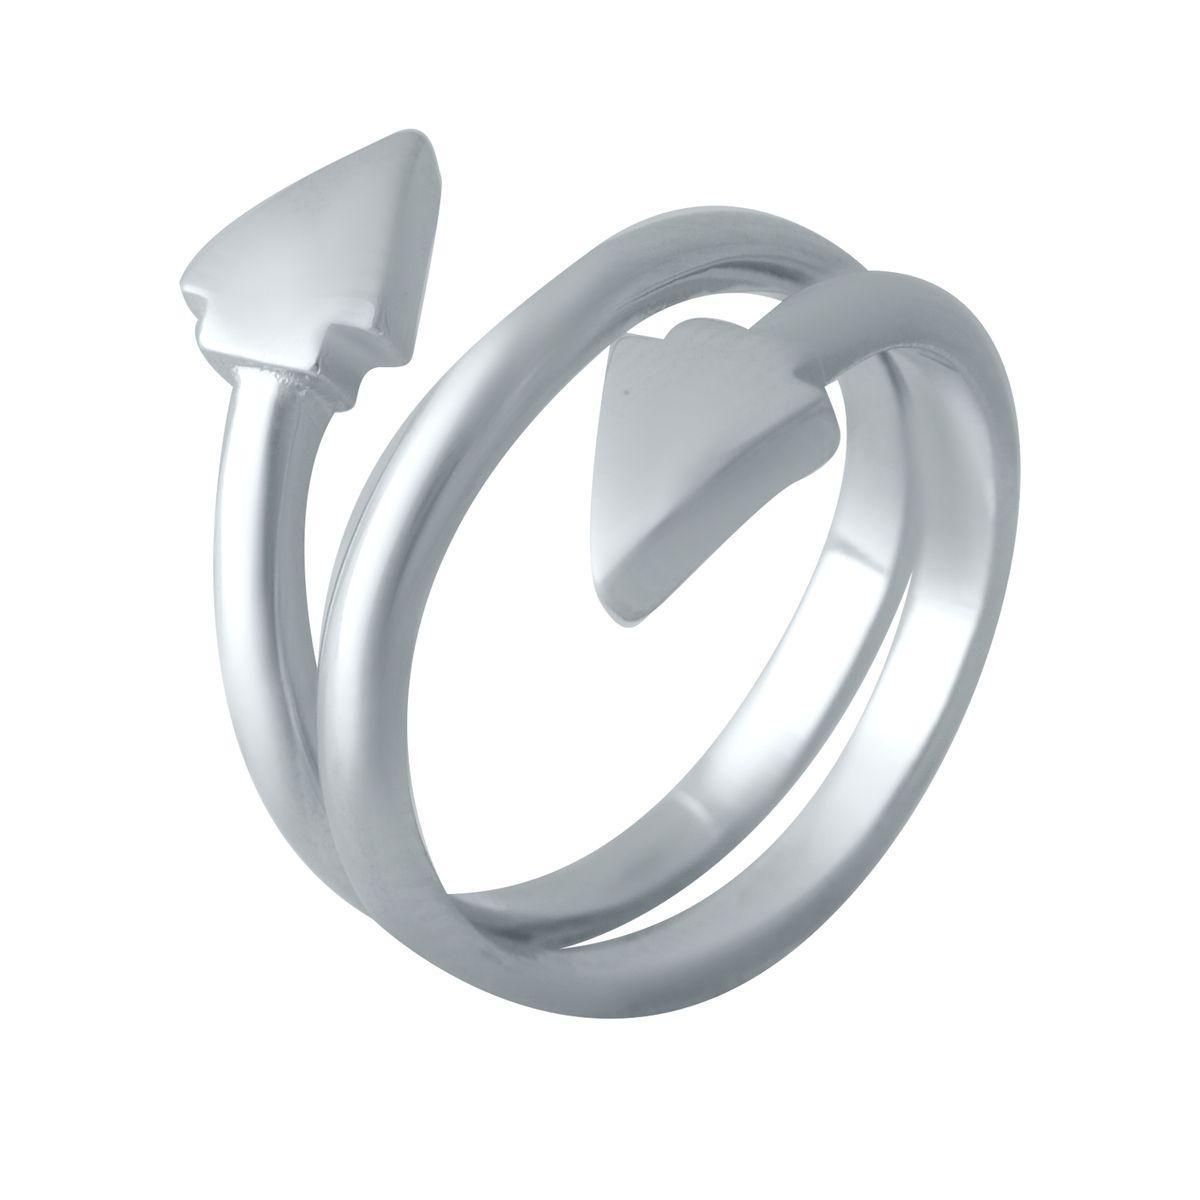 Серебряное кольцо LAMIA без камней 16 размер